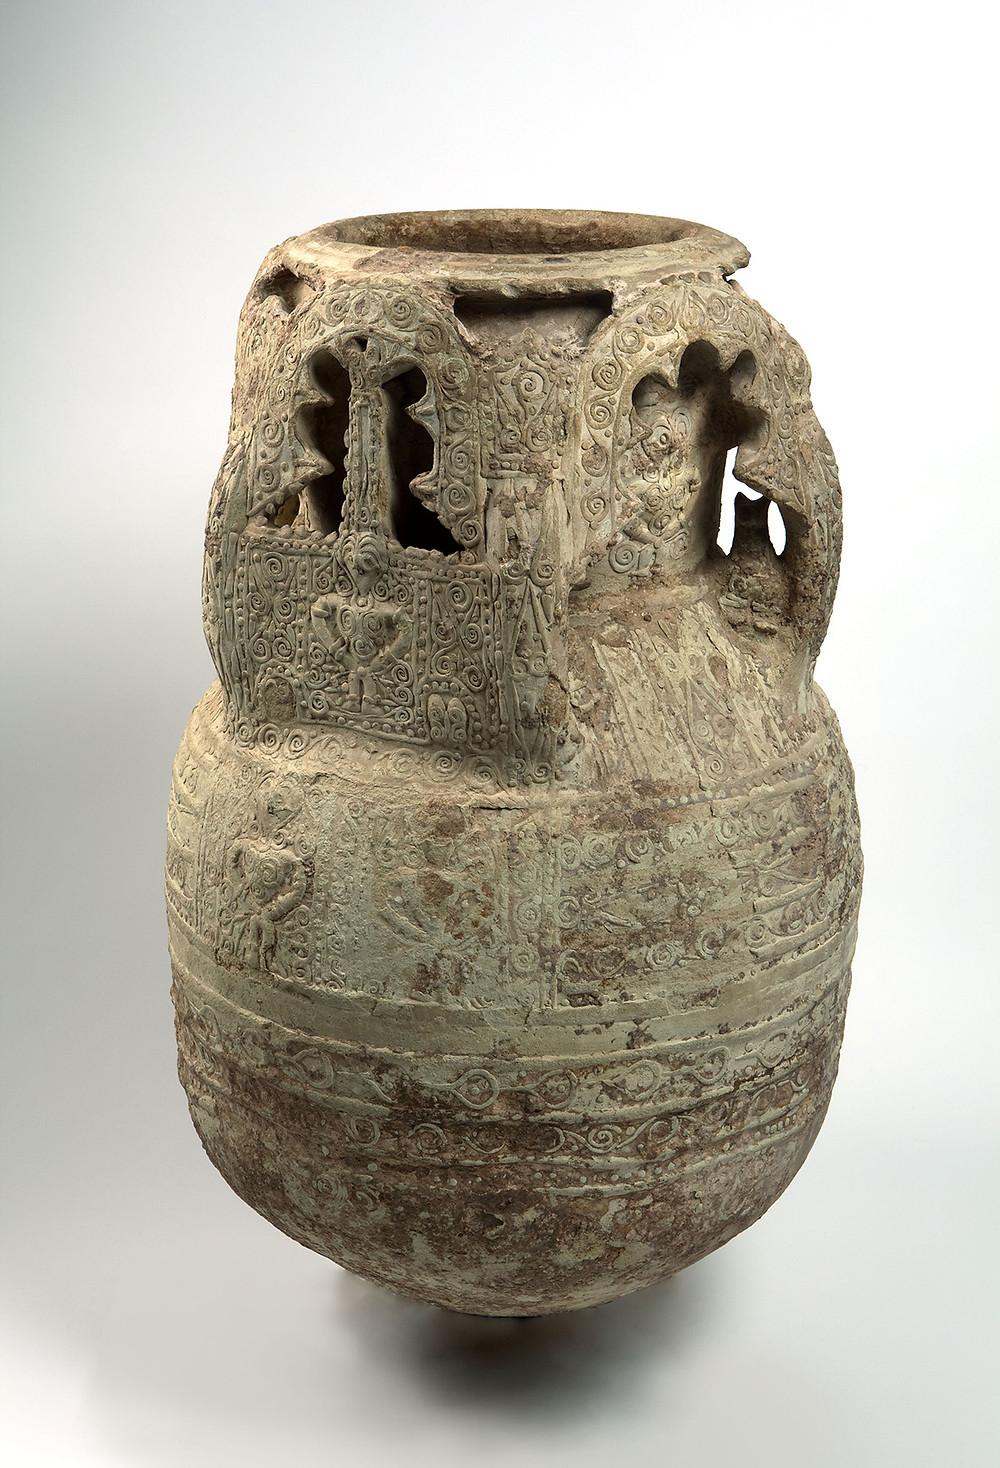 Jarre, Syrie - 12è, 13è siècle / © Hamid Belmenouar et Pierre-Olivier Deschamps